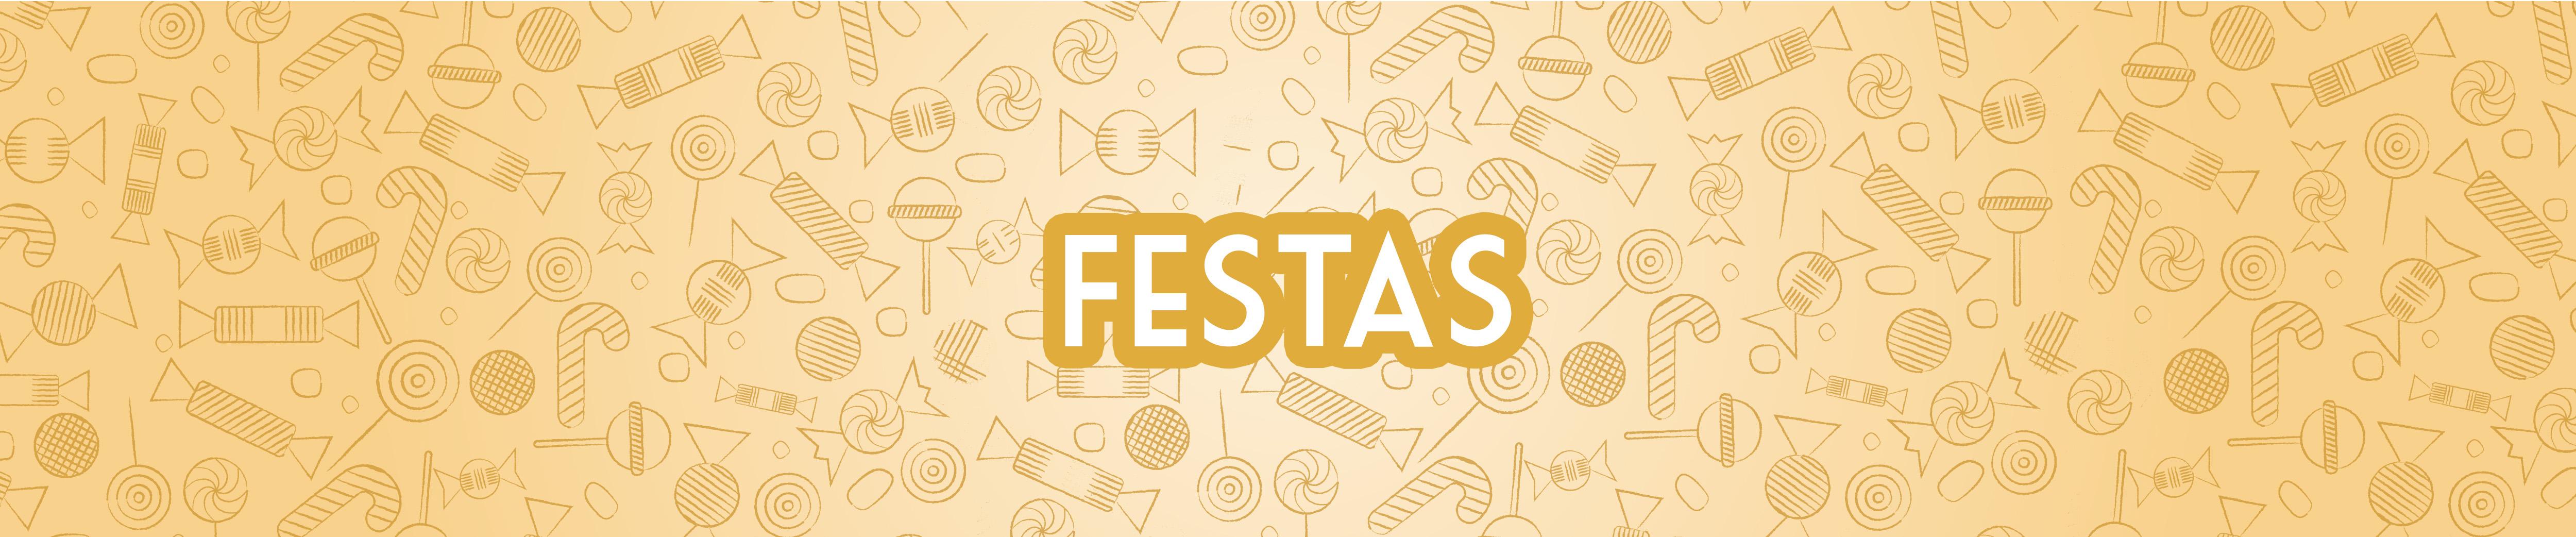 Banner Artigos para Festas